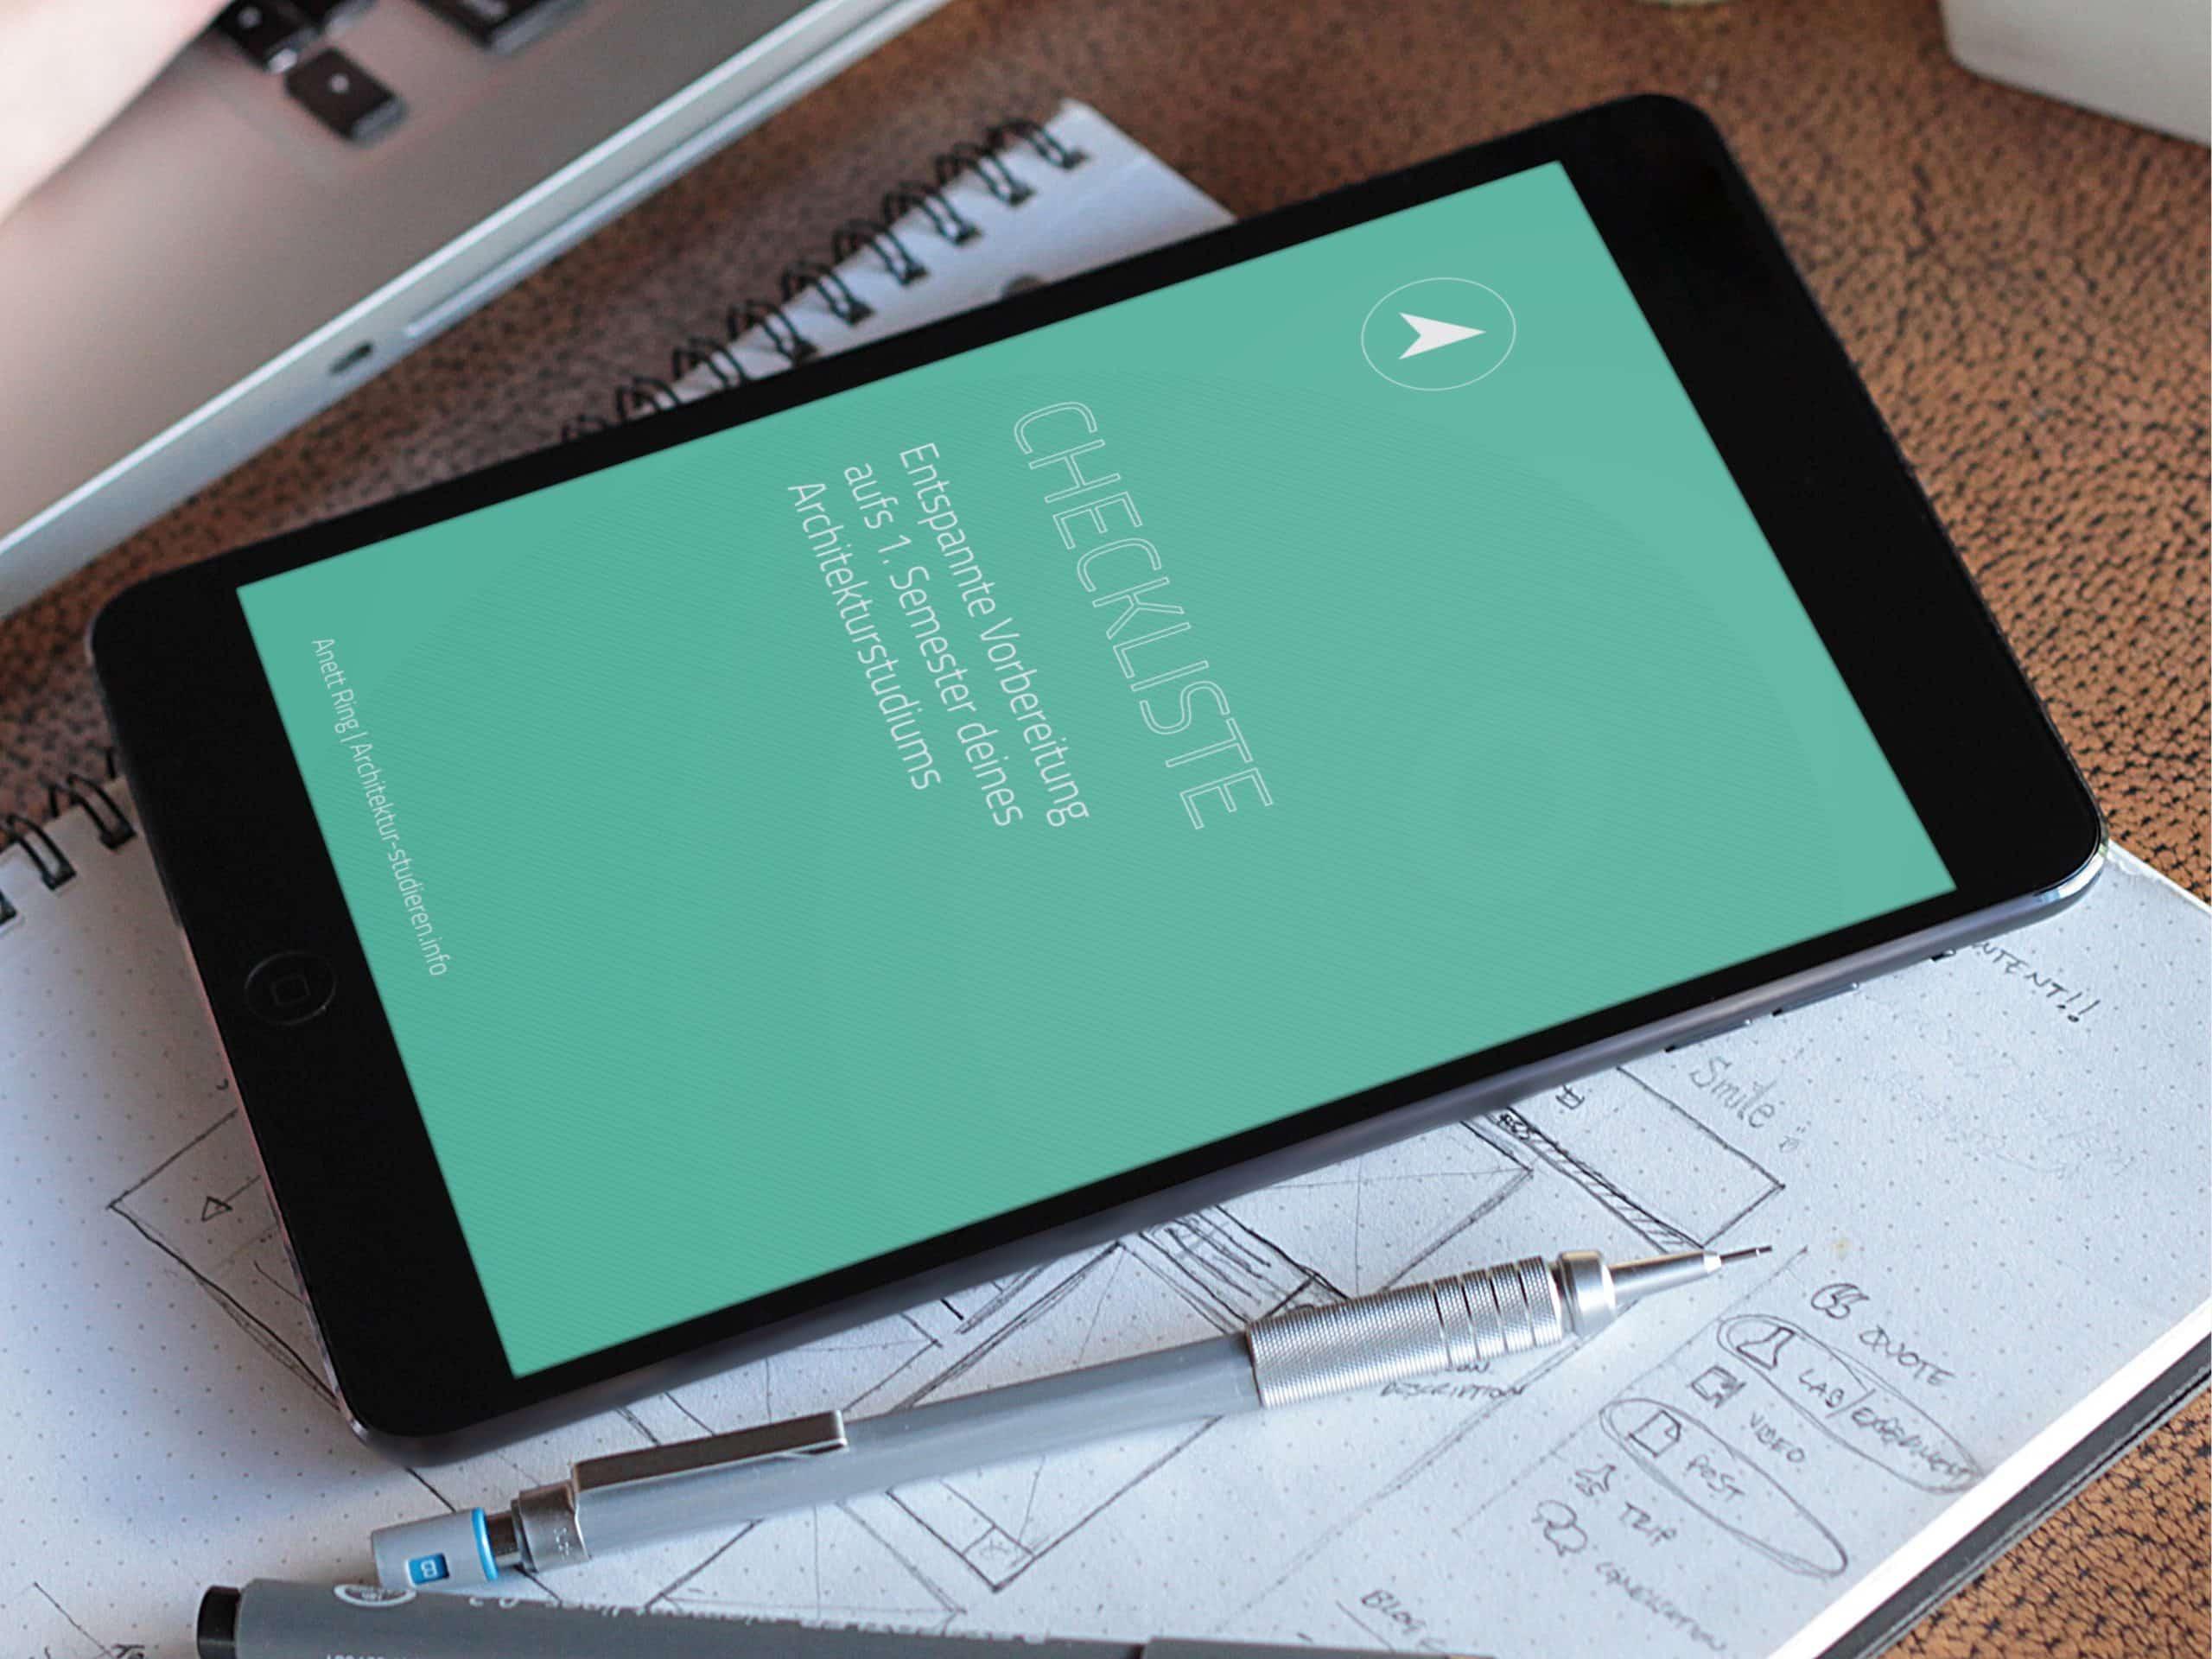 Entspannte Vorbereitung Architekturstudium   Checkliste 1. Semester Architekturstudium   © Anett Ring, Architektur-studieren.info